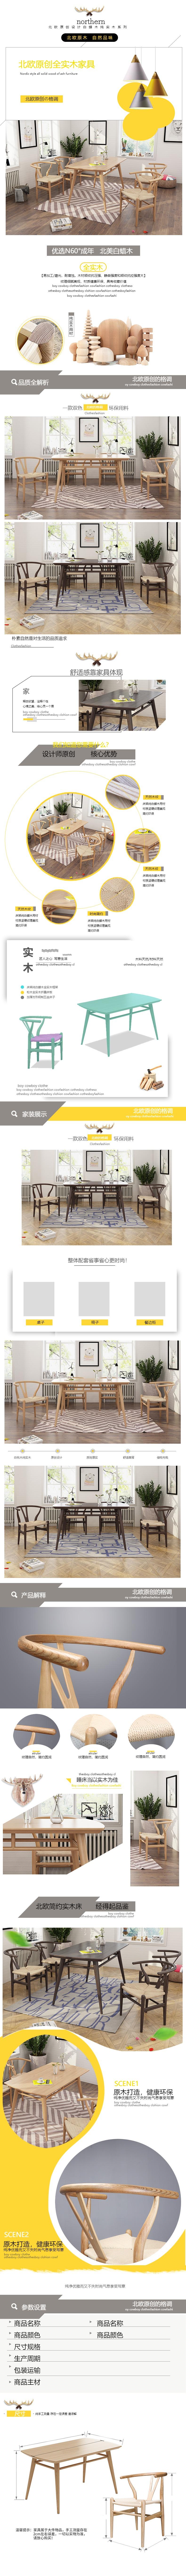 扁平简约百货零售家居生活家具桌子促销电商详情页